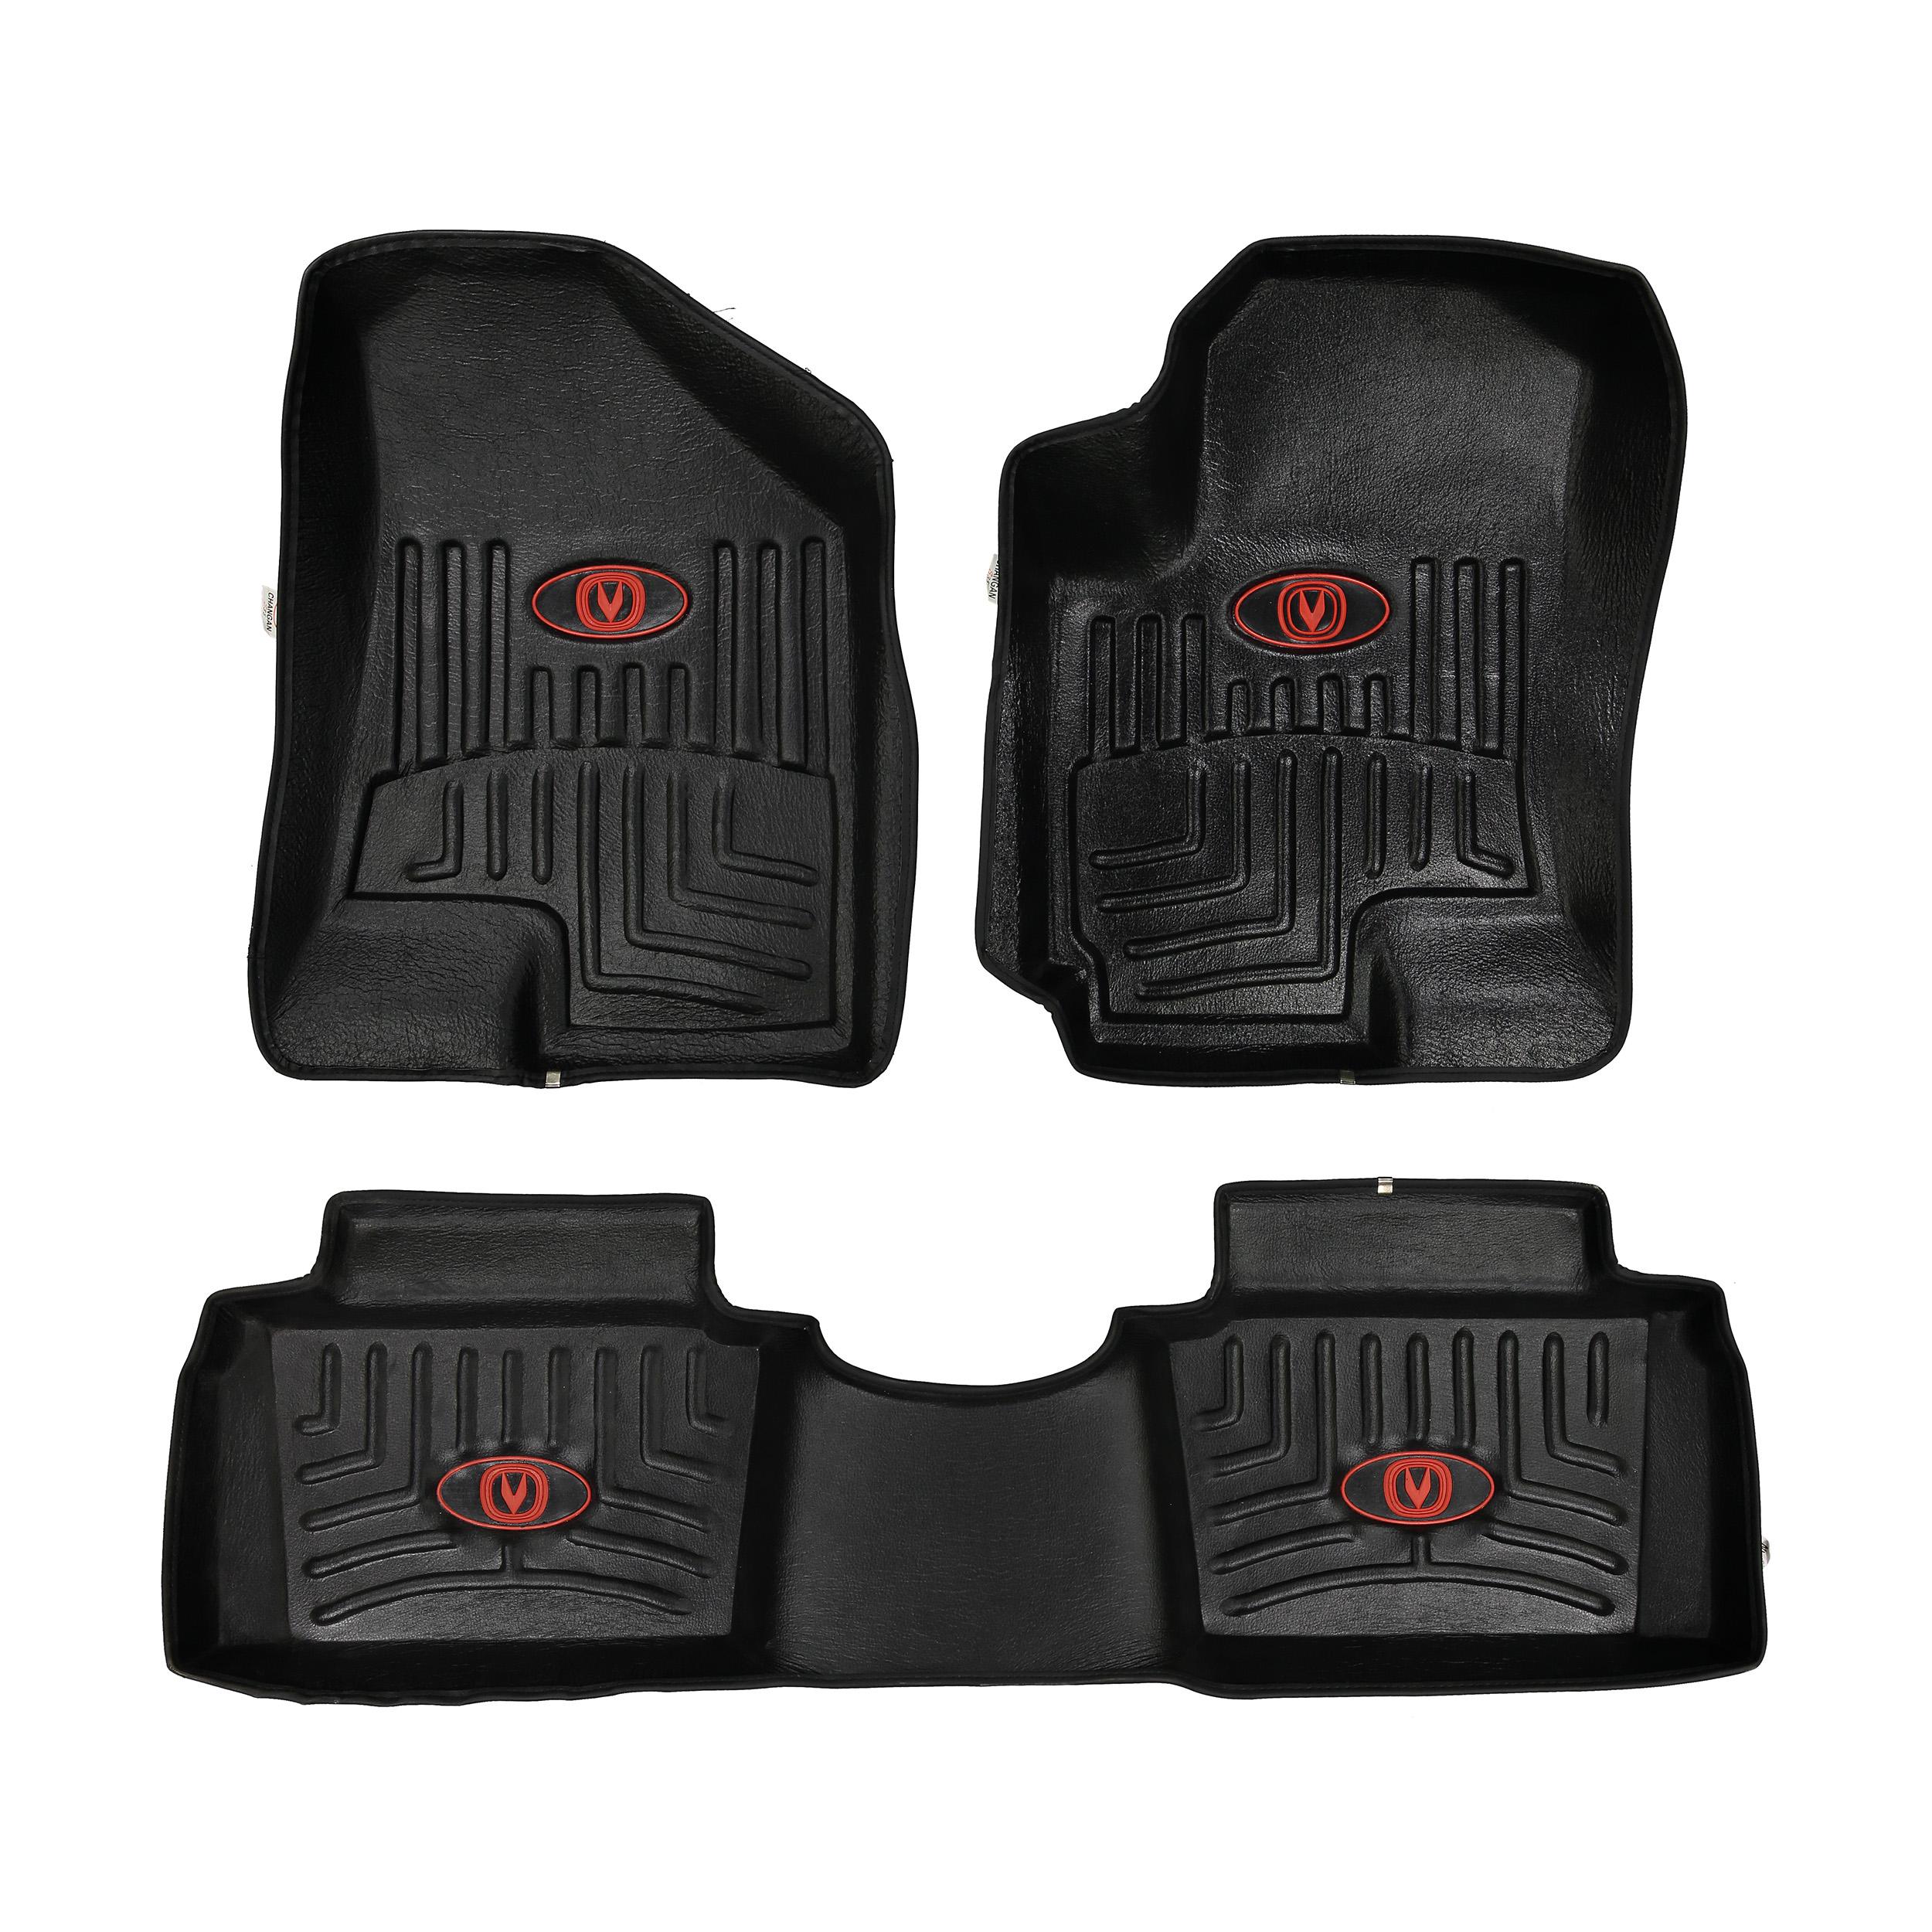 کف پوش خودرو کد 001 مناسب برای خودرو چانگان S35